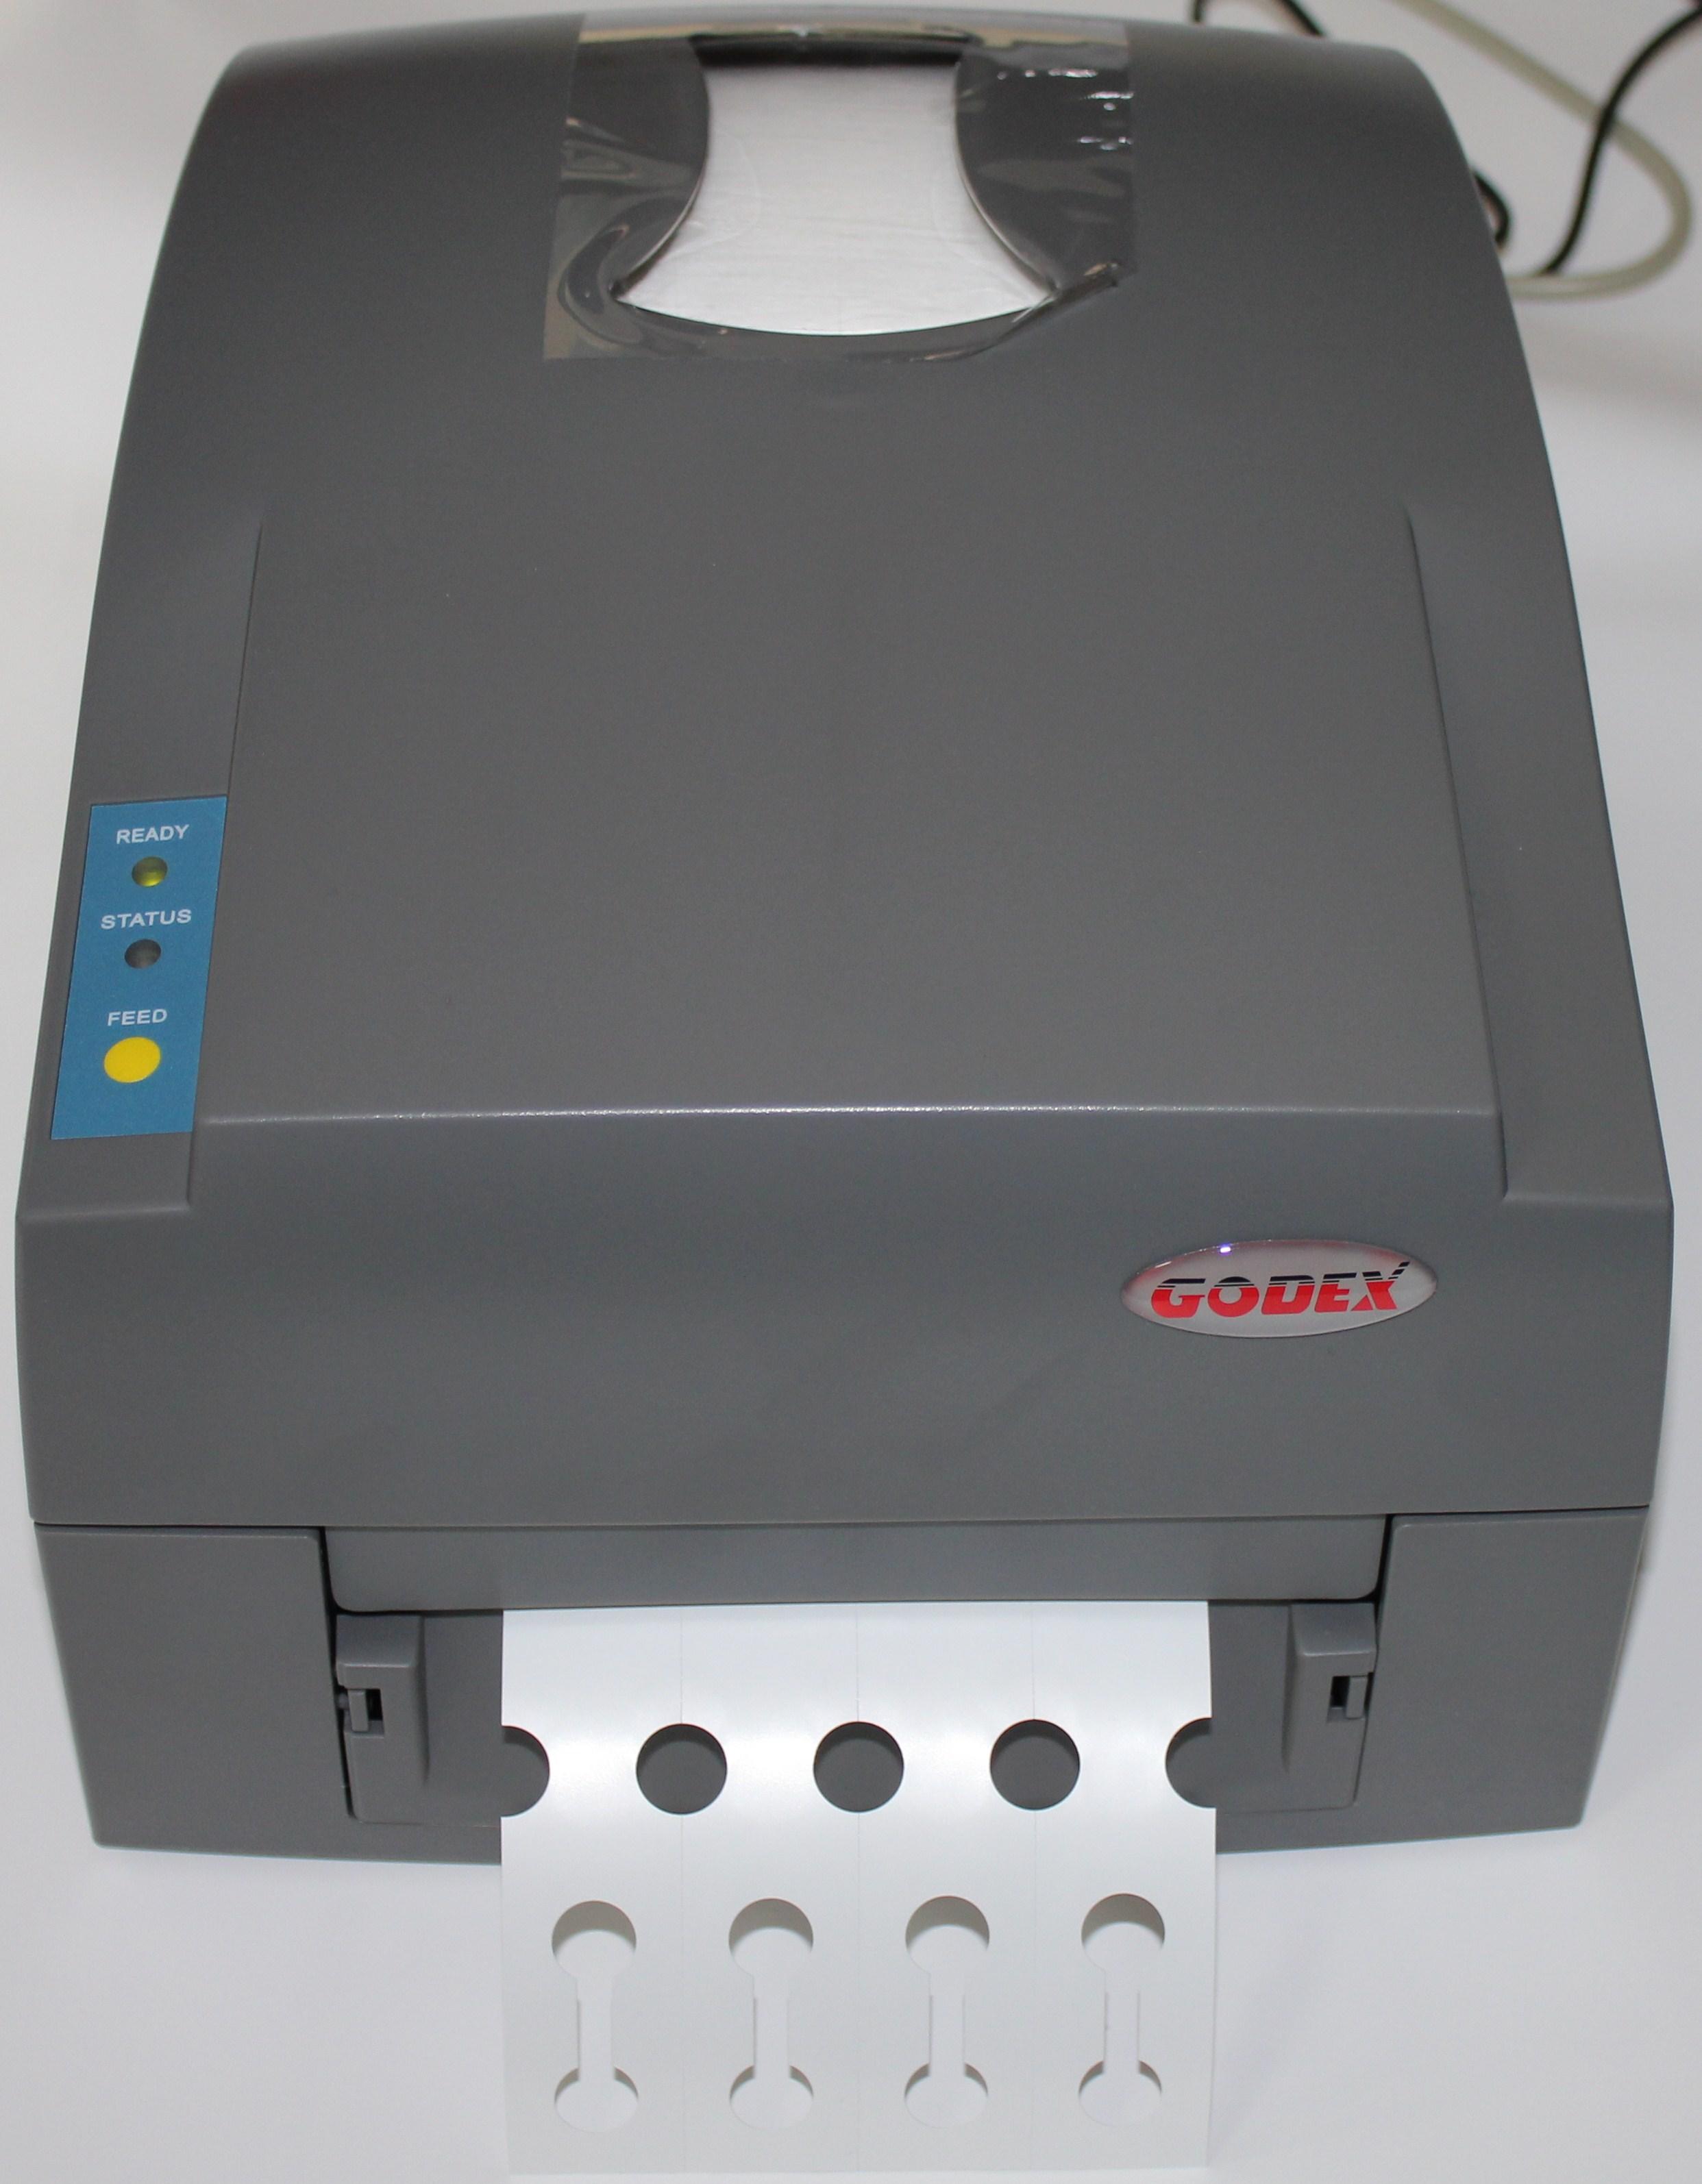 Godex Ez1100plus